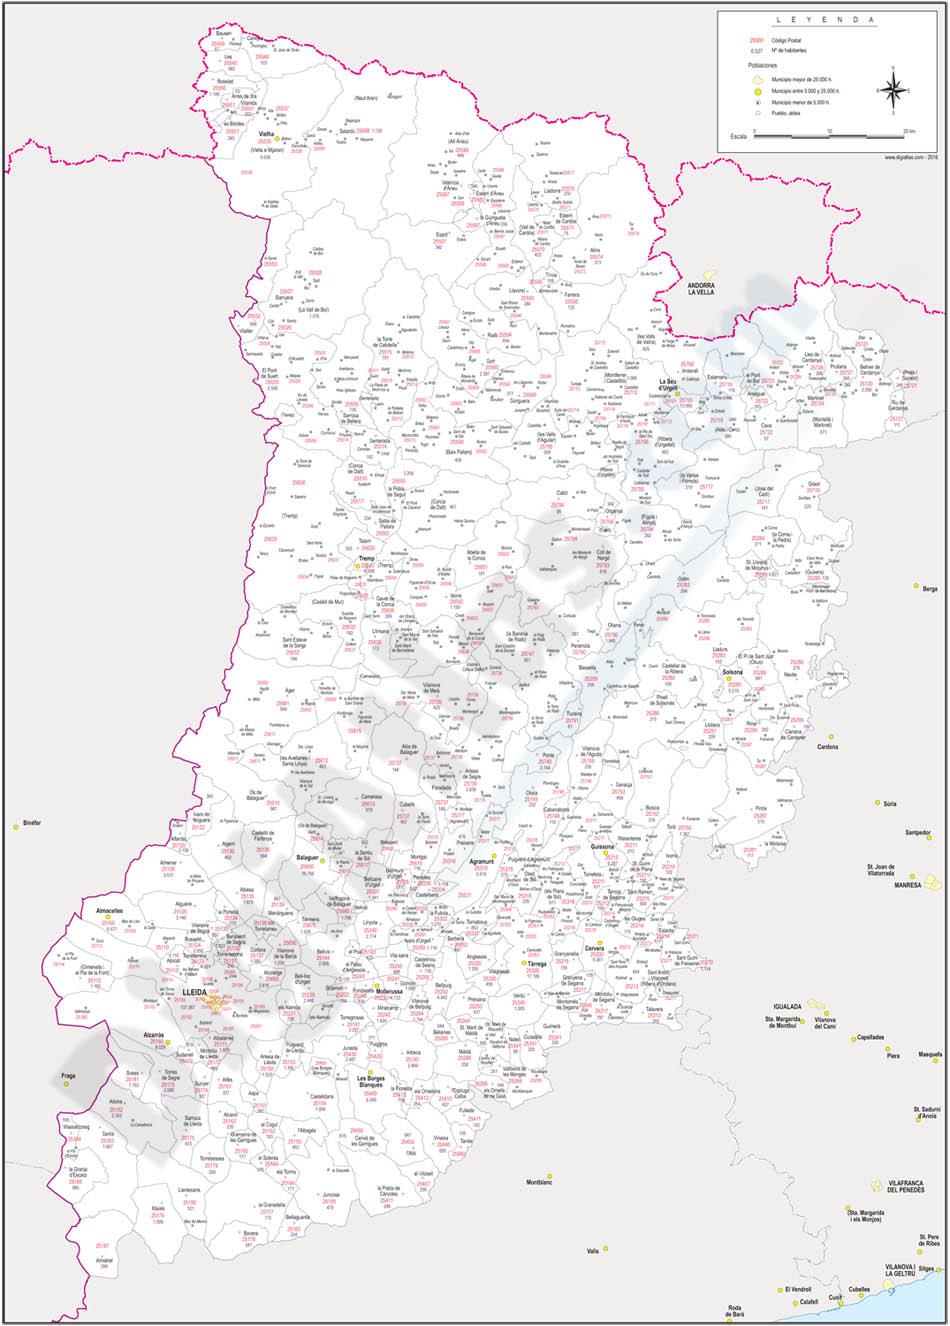 Lleida - mapa provincial con municipios, códigos postales y habitantes